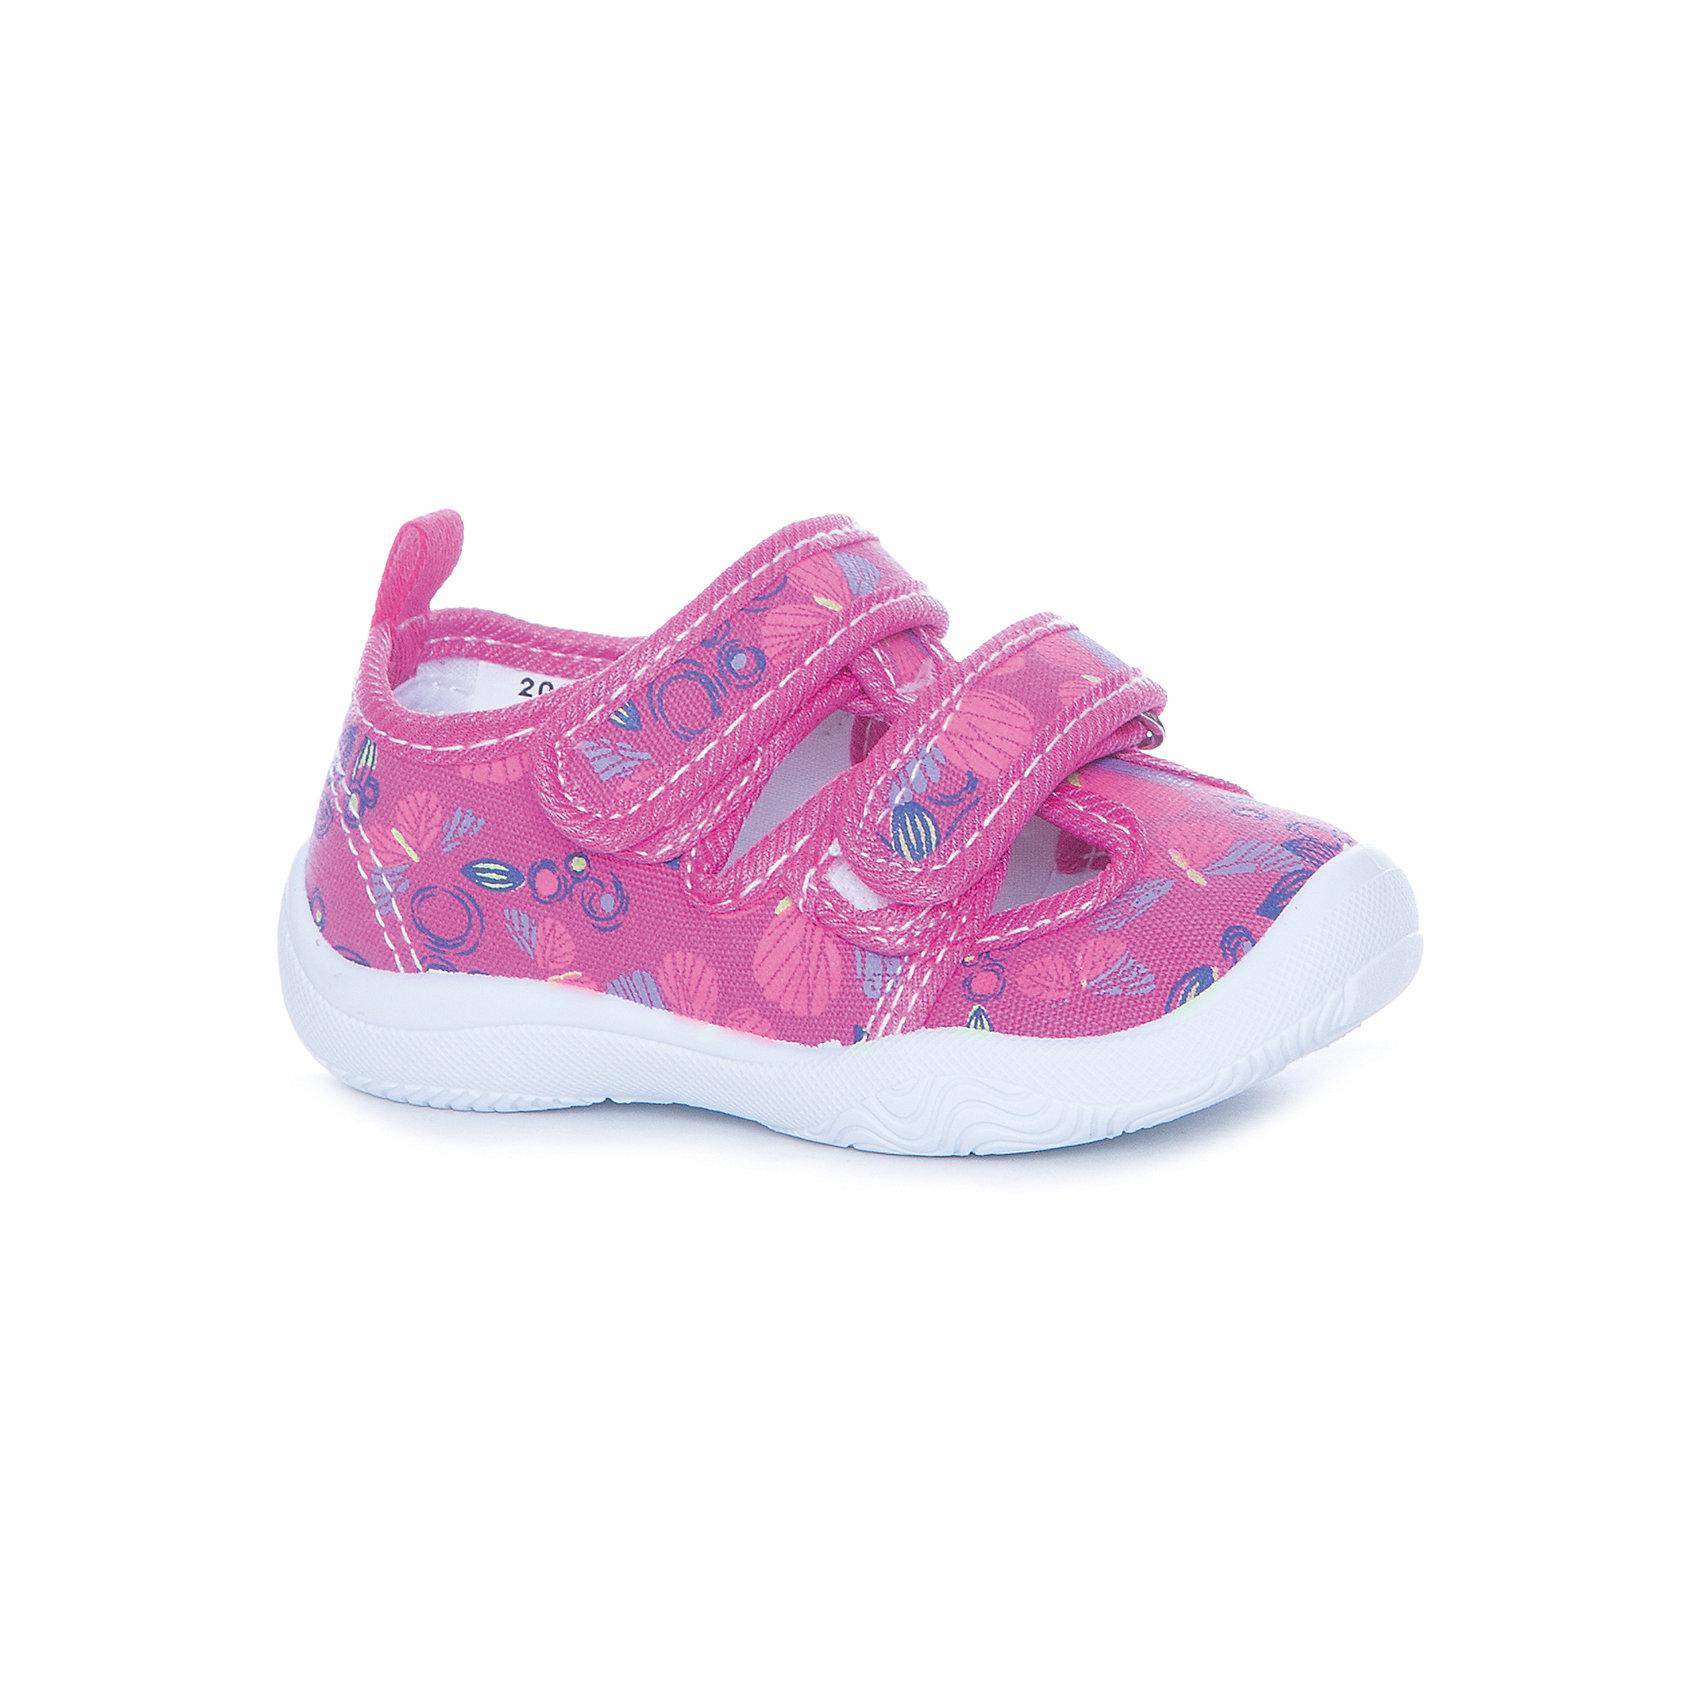 Текстильная обувь Mursu для девочкиТекстильные туфли<br>Характеристики товара:<br><br>• цвет: розовый<br>• материал верха: текстиль<br>• подклад: текстиль<br>• стелька: натуральная кожа<br>• подошва: ПВХ<br>• сезон: круглый год<br>• особенности модели: спортивный стиль<br>• застежка: резинка<br>• защита мыса<br>• анатомические <br>• страна бренда: Финляндия<br>• страна изготовитель: Китай<br><br>Текстильную обувь Mursu можно использовать как сменную в детском саду, так и для прогулок в сухую погоду. Удобная форма позволяет быстро надеть и снять обувь. <br><br>Качественные материалы обеспечивают комфортные условия для ног. Универсальный цвет подходит практически под любой наряд.<br><br>Обувь Мурсу - это качественная финская продукция, которая помогает детям выглядеть модно и чувствовать себя удобно.<br><br>Текстильную обувь для девочки Mursu можно купить в нашем интернет-магазине.<br><br>Ширина мм: 227<br>Глубина мм: 145<br>Высота мм: 124<br>Вес г: 325<br>Цвет: фуксия<br>Возраст от месяцев: 24<br>Возраст до месяцев: 36<br>Пол: Женский<br>Возраст: Детский<br>Размер: 26,21,22,23,24,25<br>SKU: 6852038